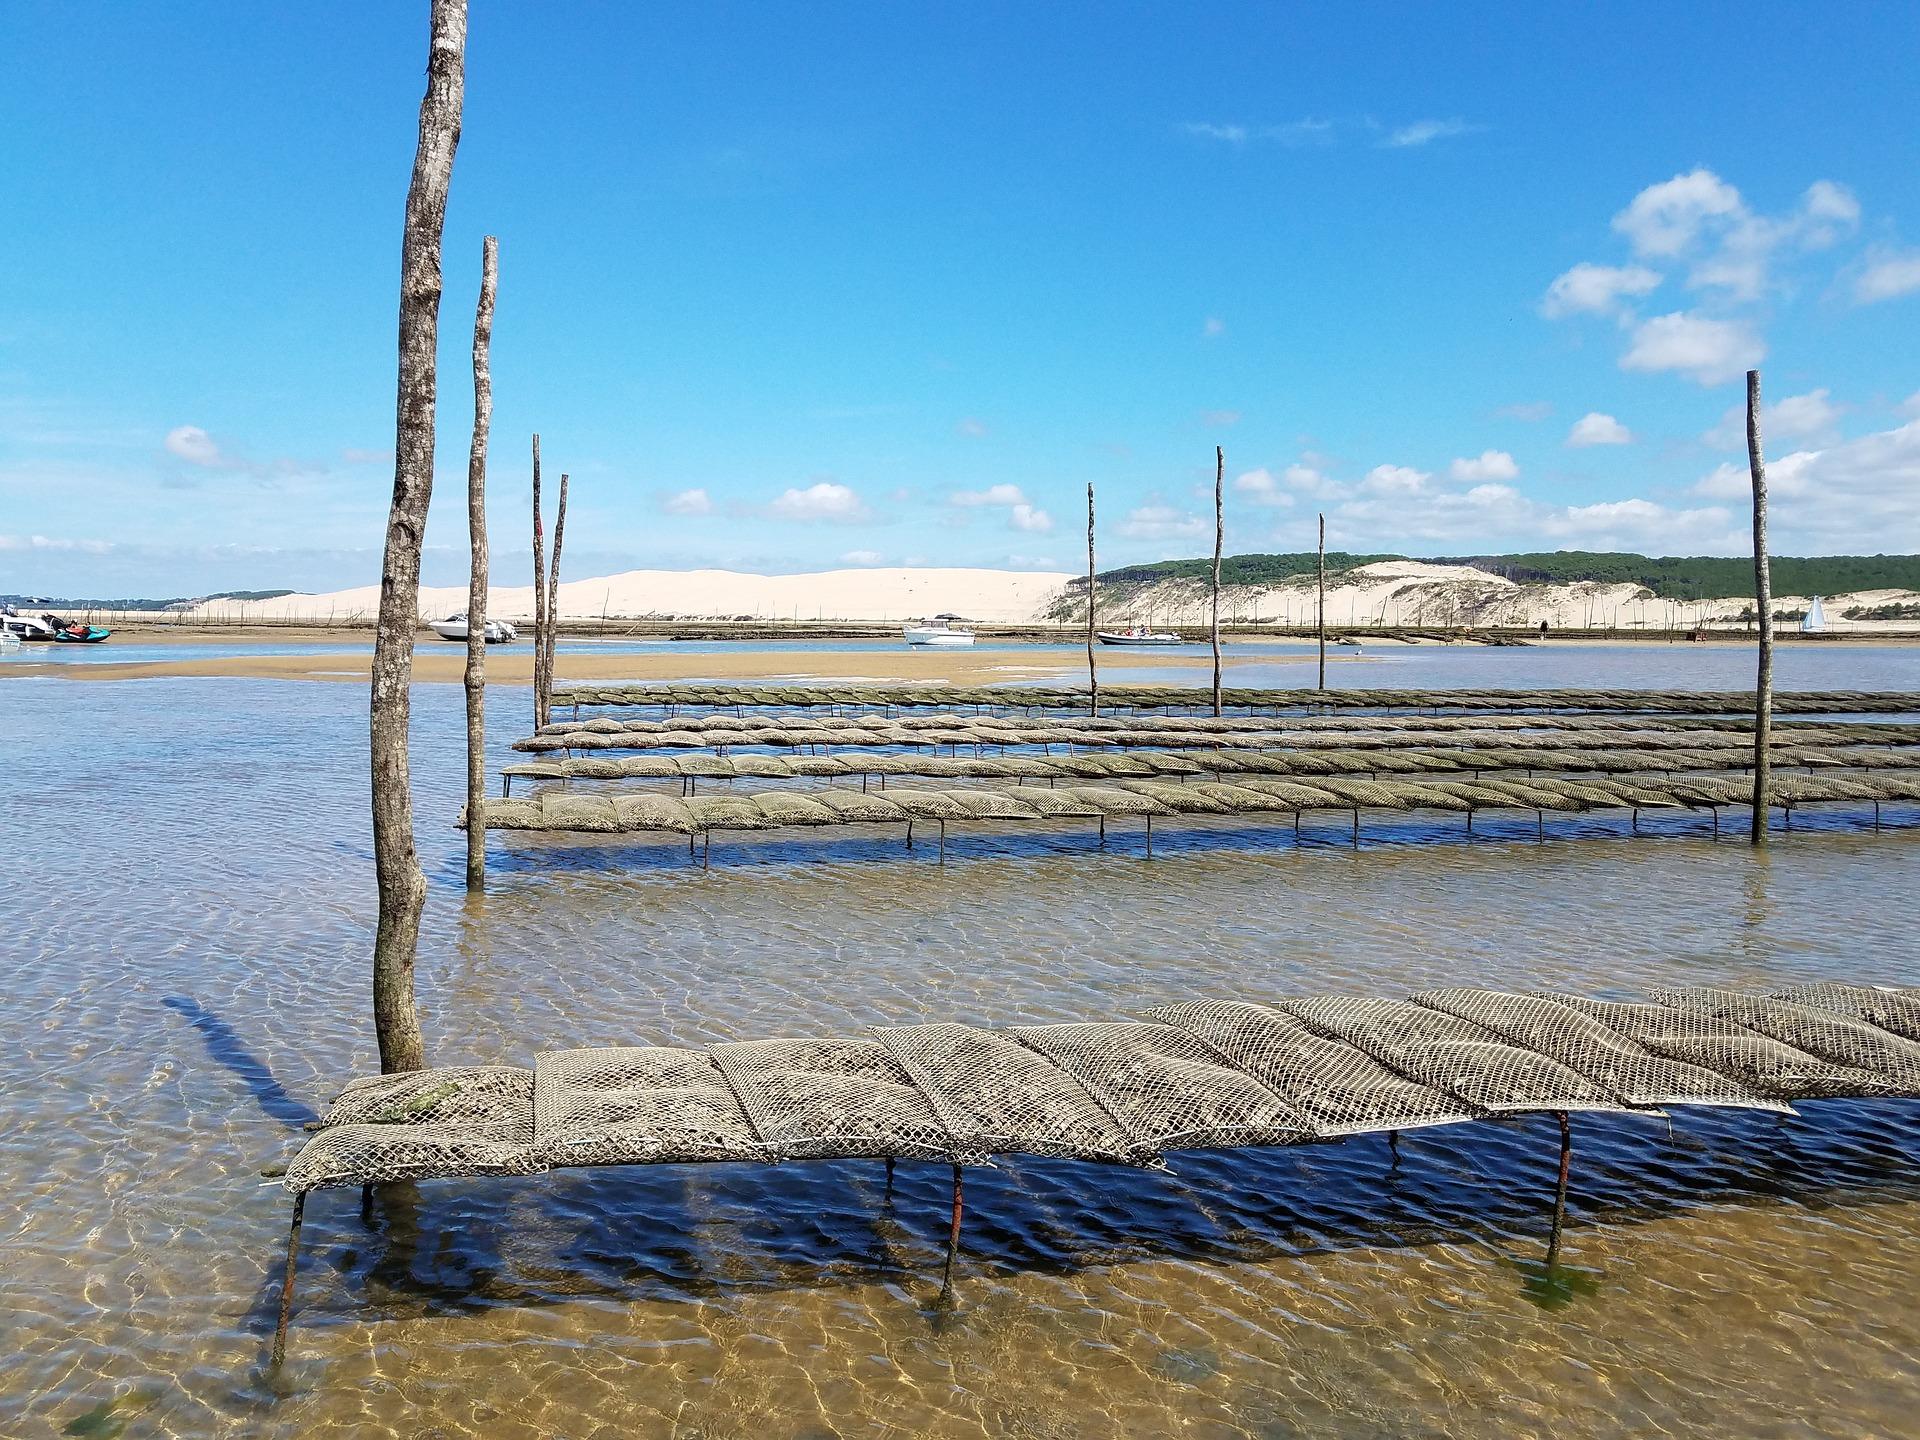 Bassin d'Arcachon, parc à huîtres